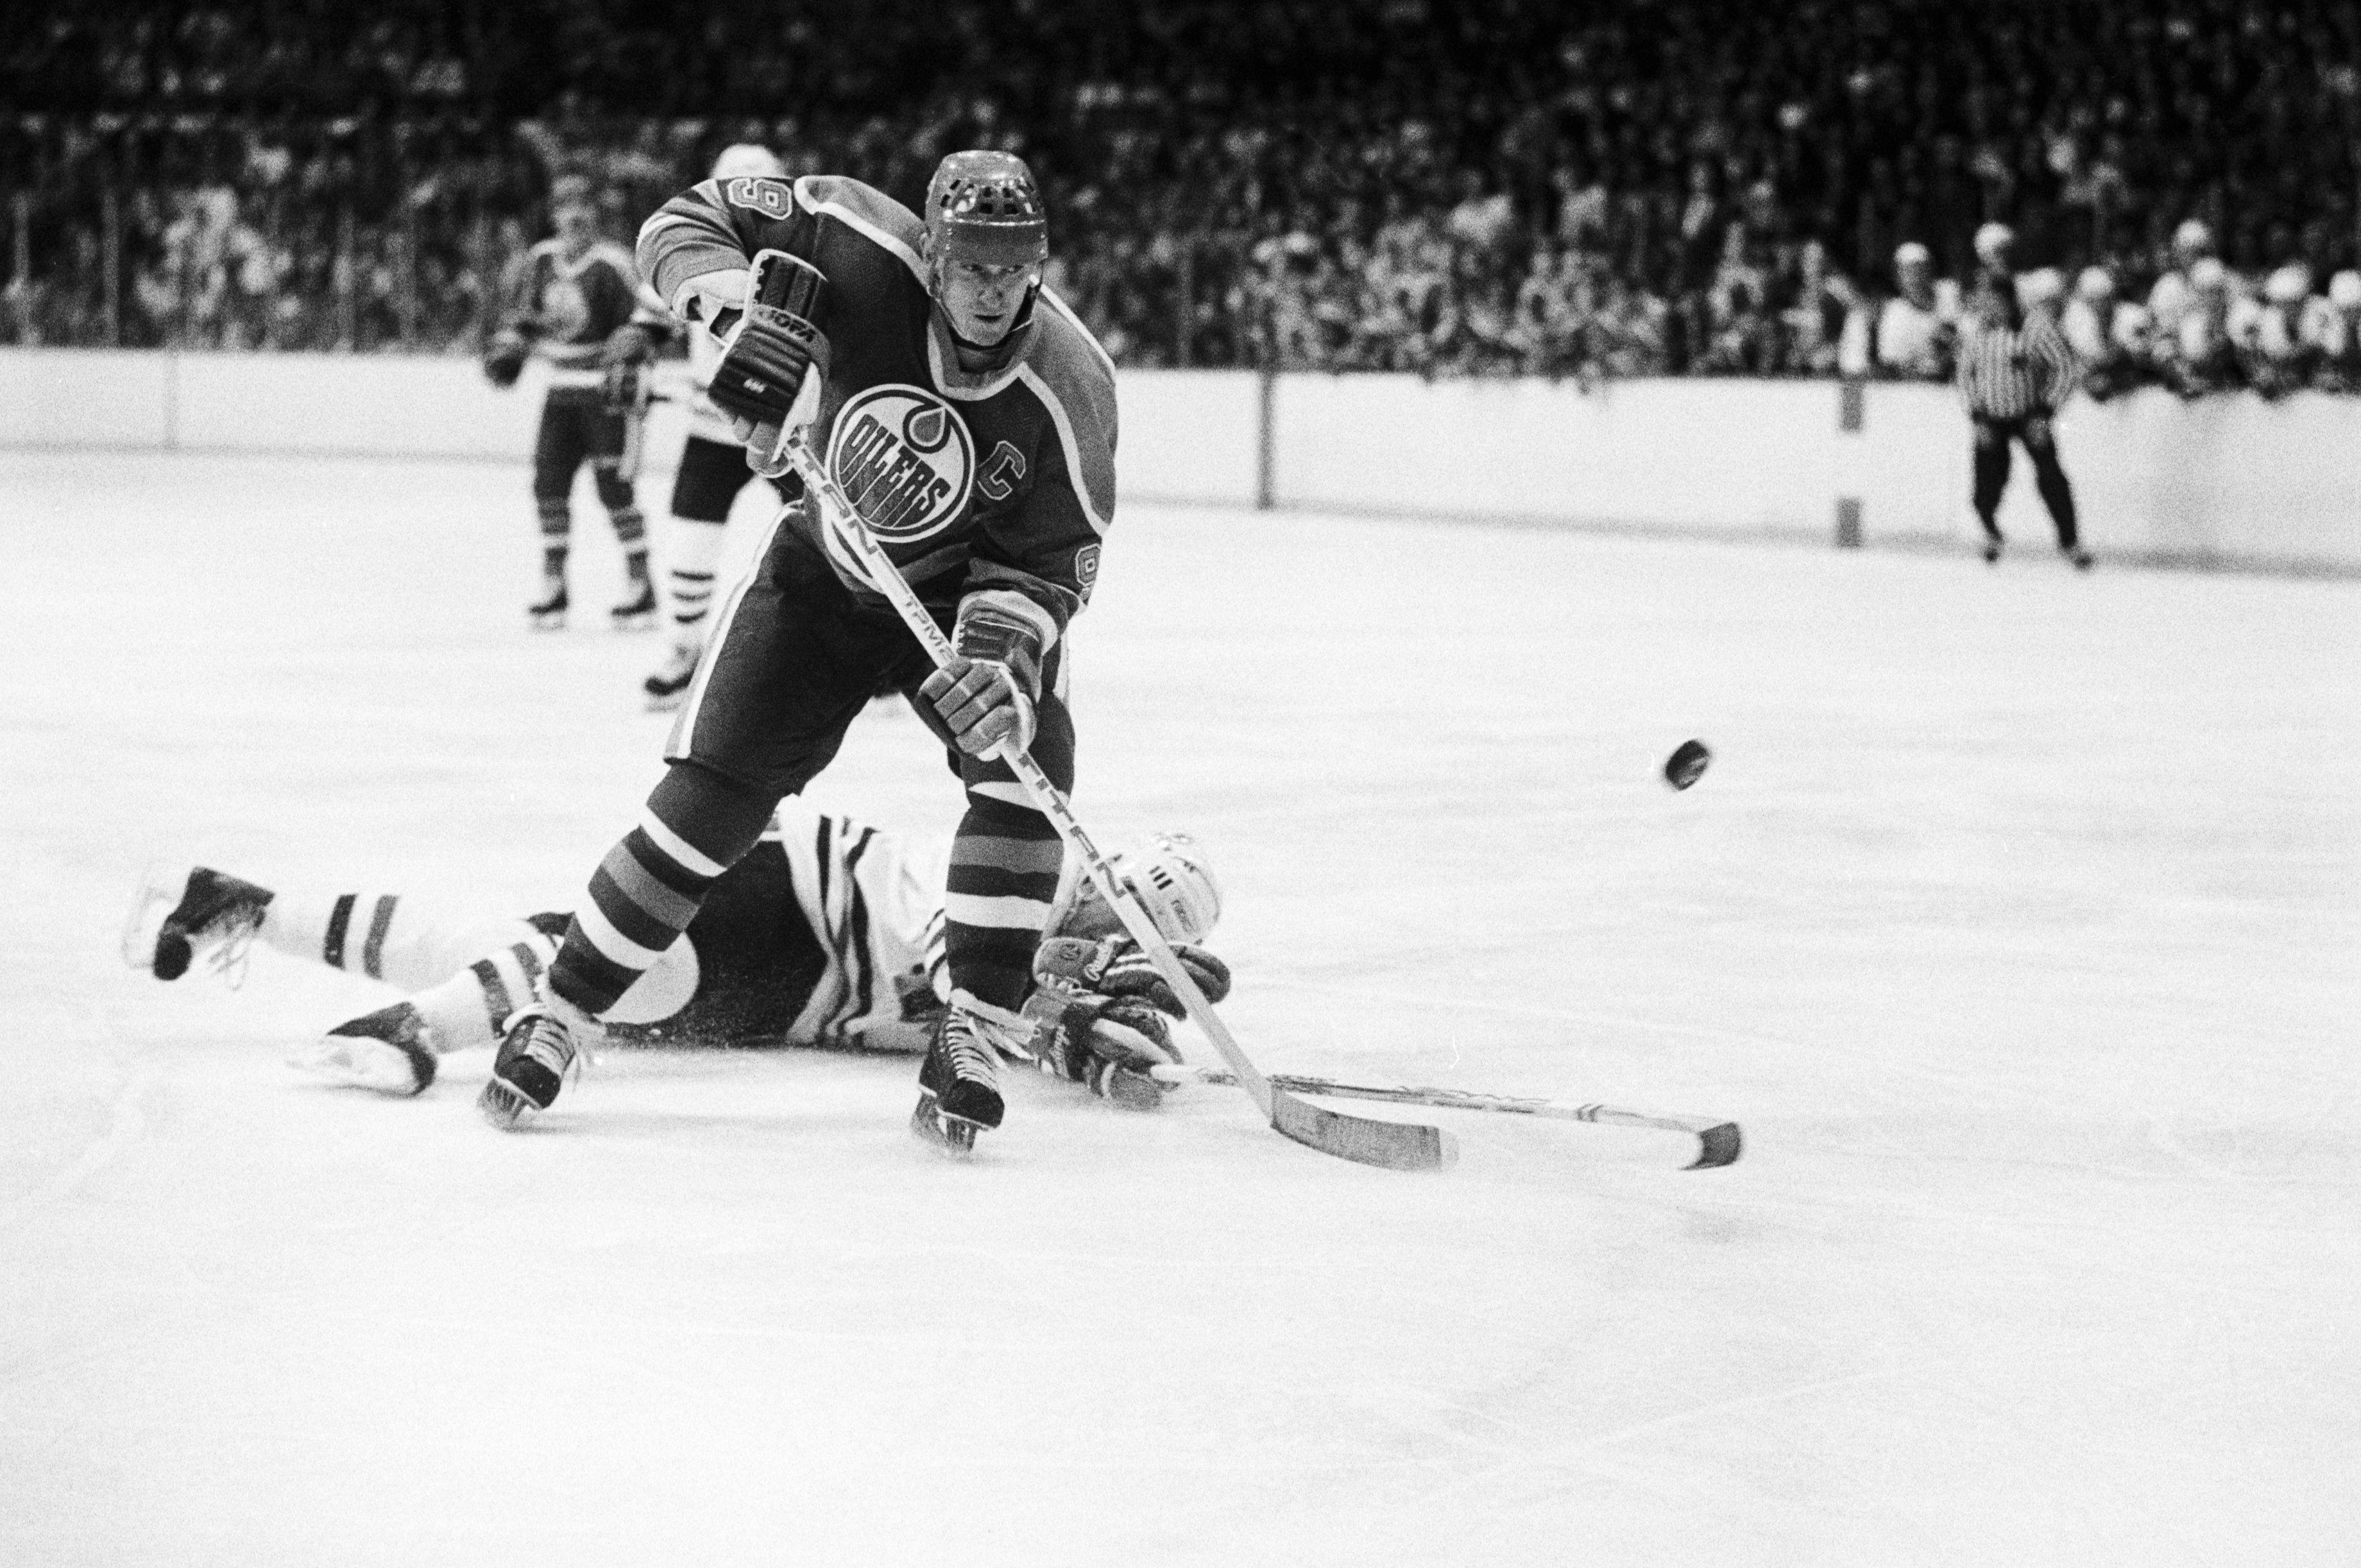 Nhl Wayne Gretzky Hockey Puck International Minor Hockey Tournament Hockey-other